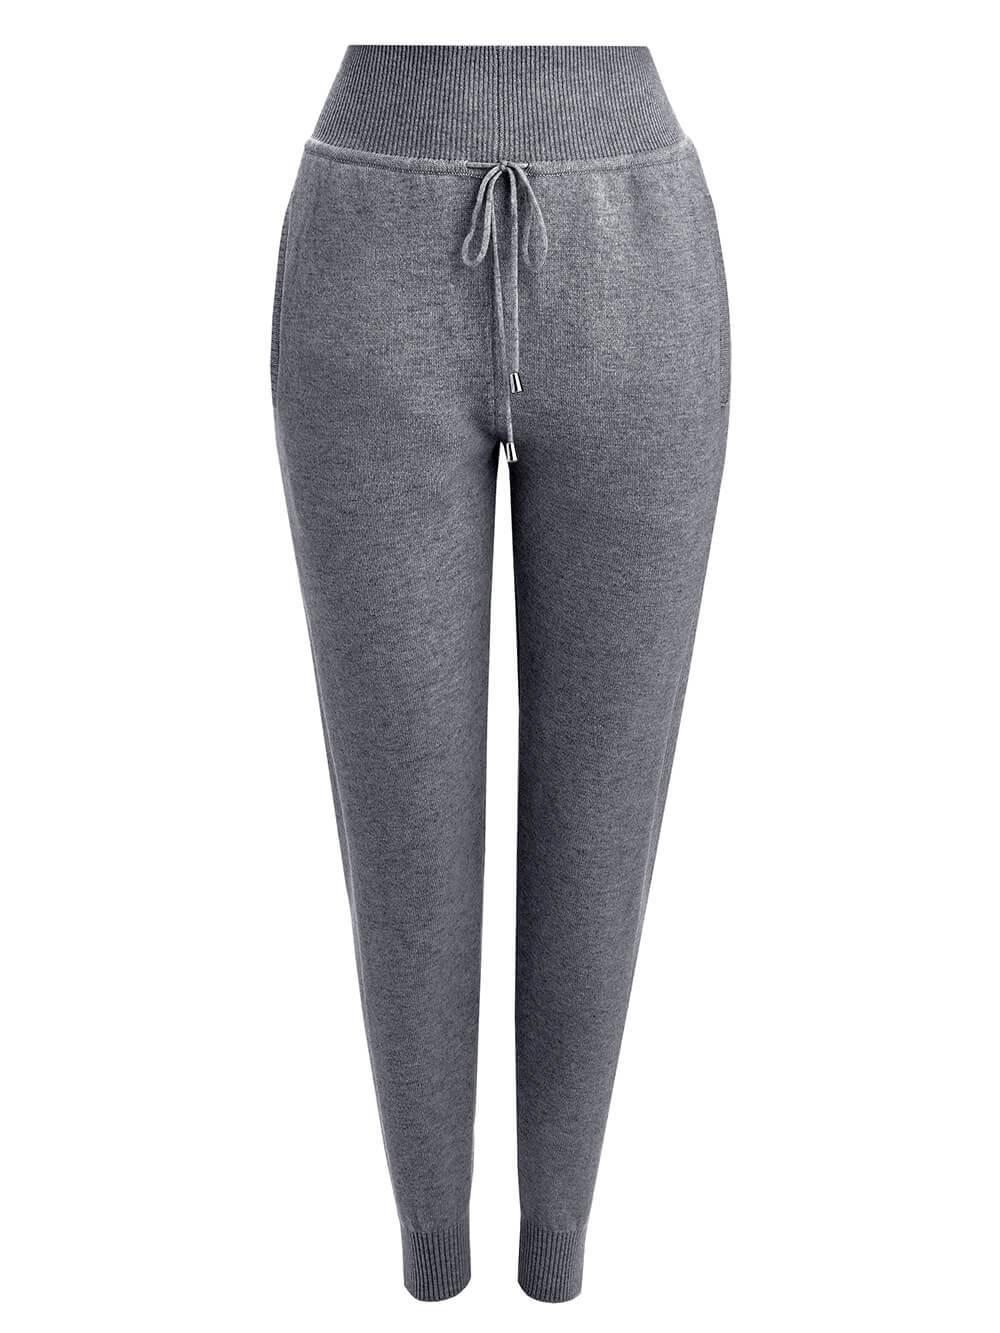 Женские брюки темно-серого цвета из 100% кашемира - фото 1